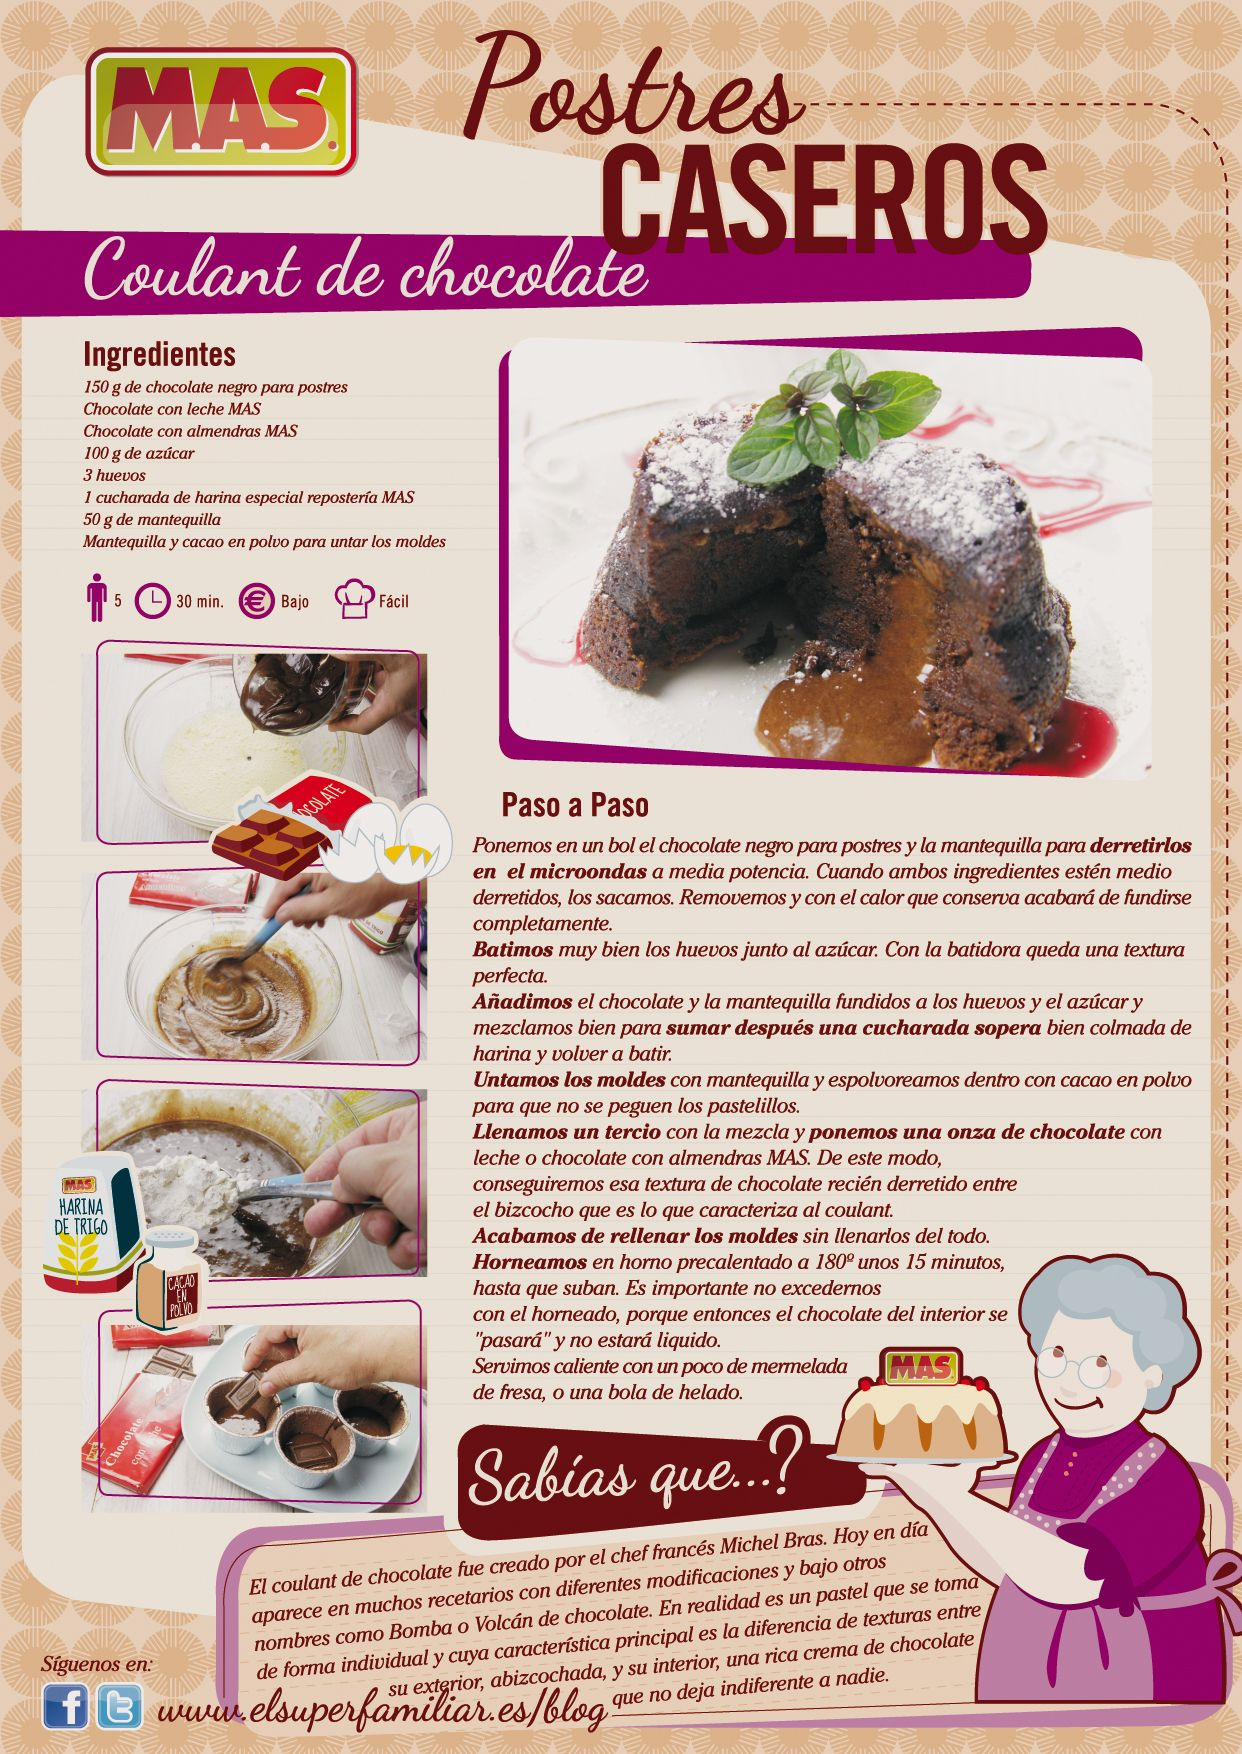 Coulant de chocolate MAS